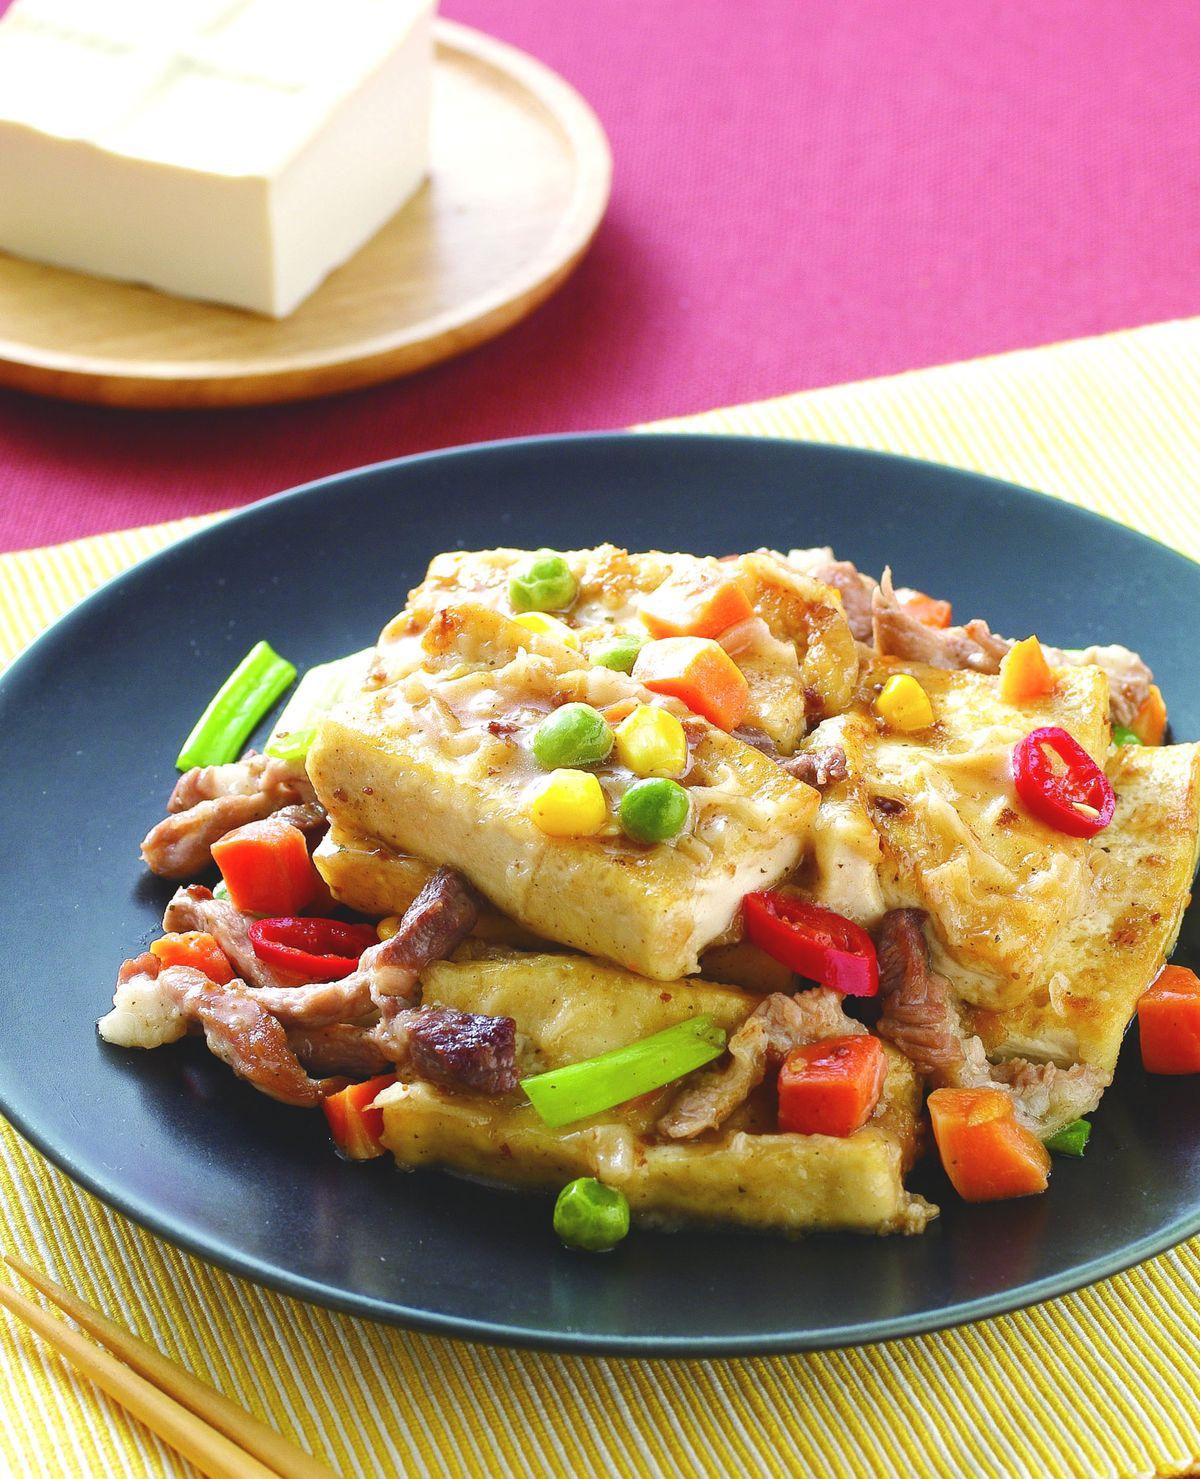 食譜:香椿煎豆腐